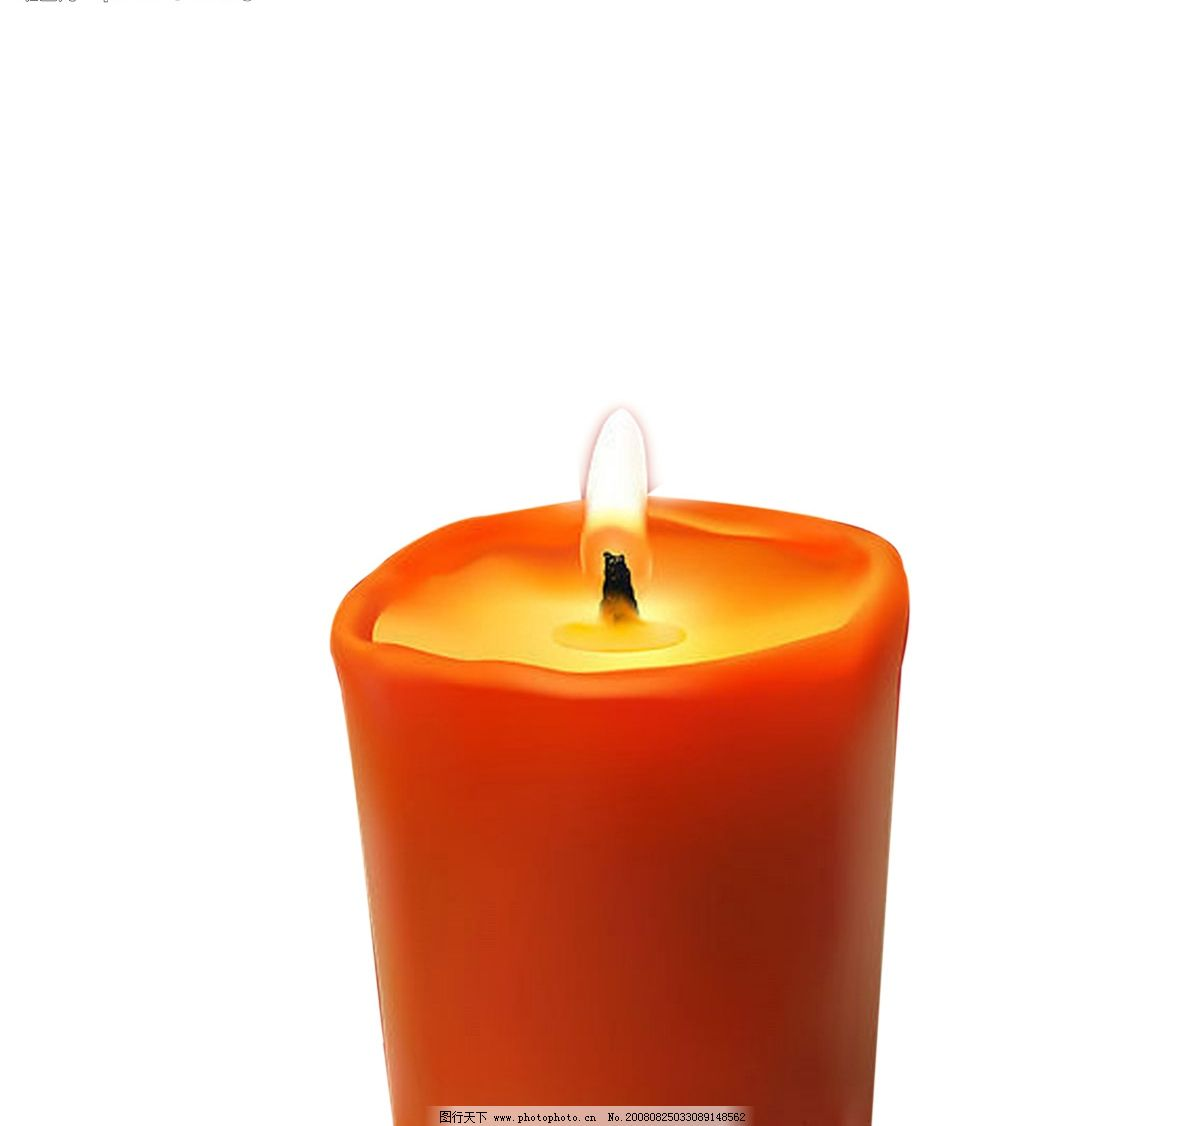 蜡烛 已抠好的蜡烛 psd分层素材 其他 抠好的蜡烛3 源文件库 300dpi